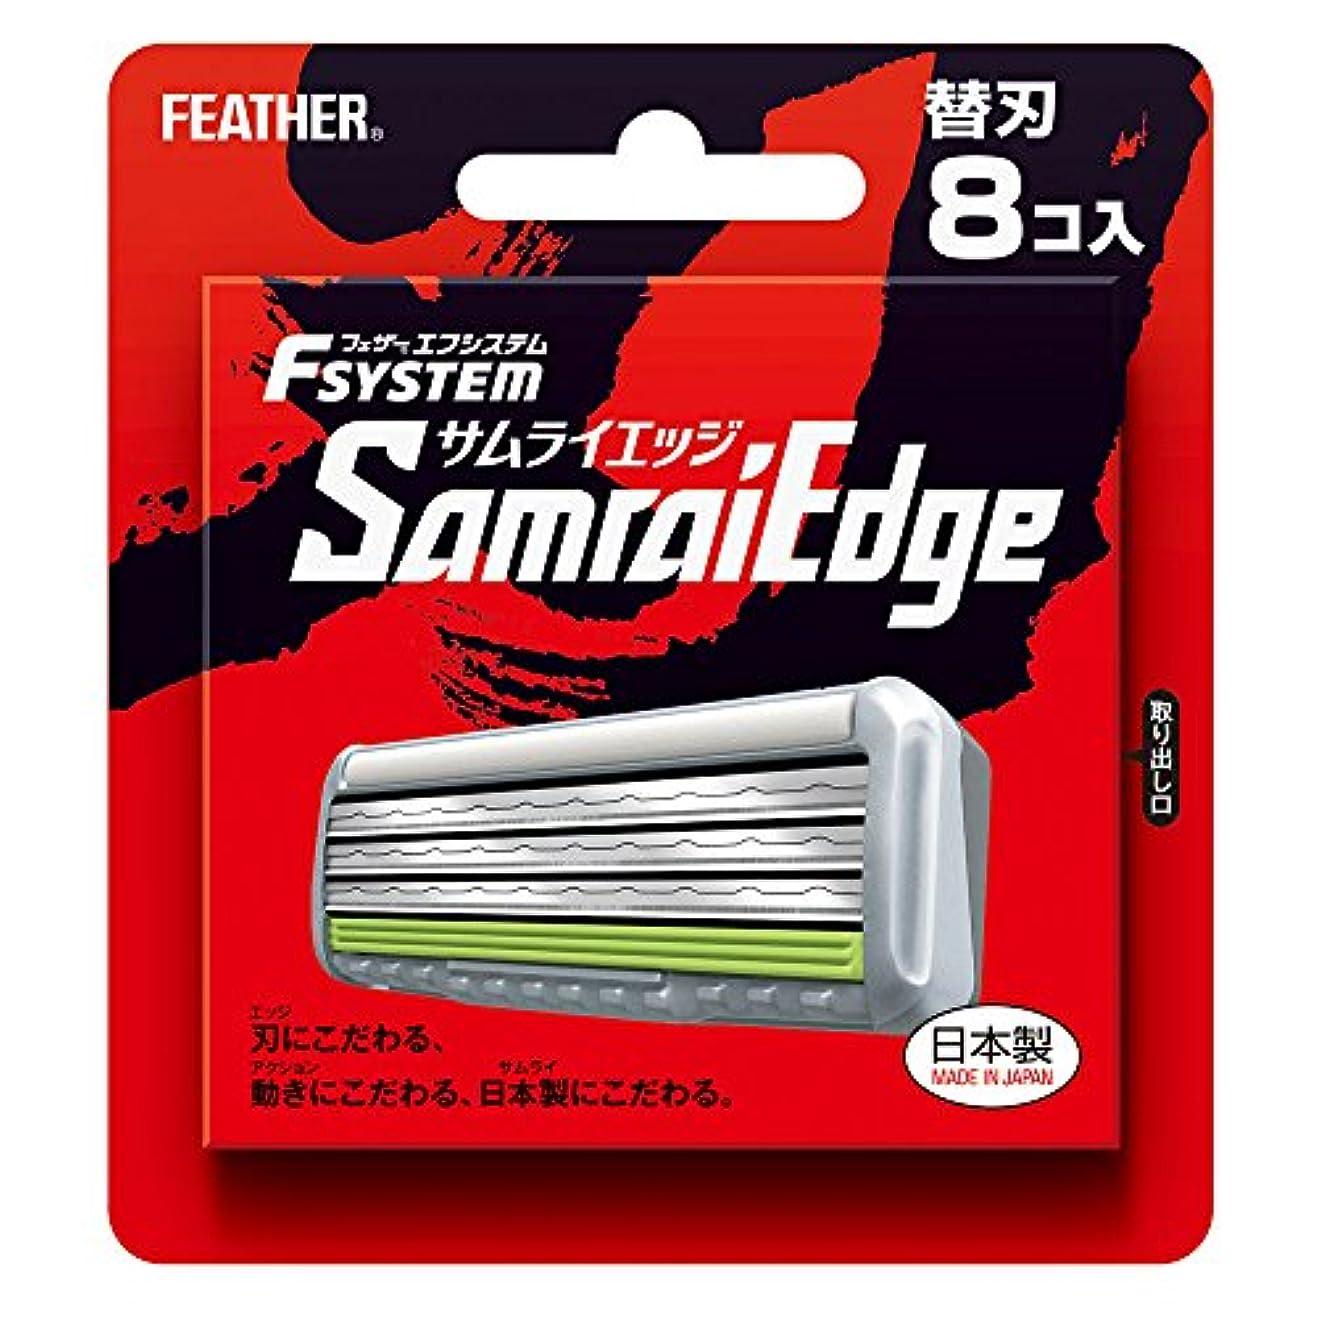 フクロウ落胆するいまフェザー エフシステム 替刃 サムライエッジ 8コ入 (日本製)